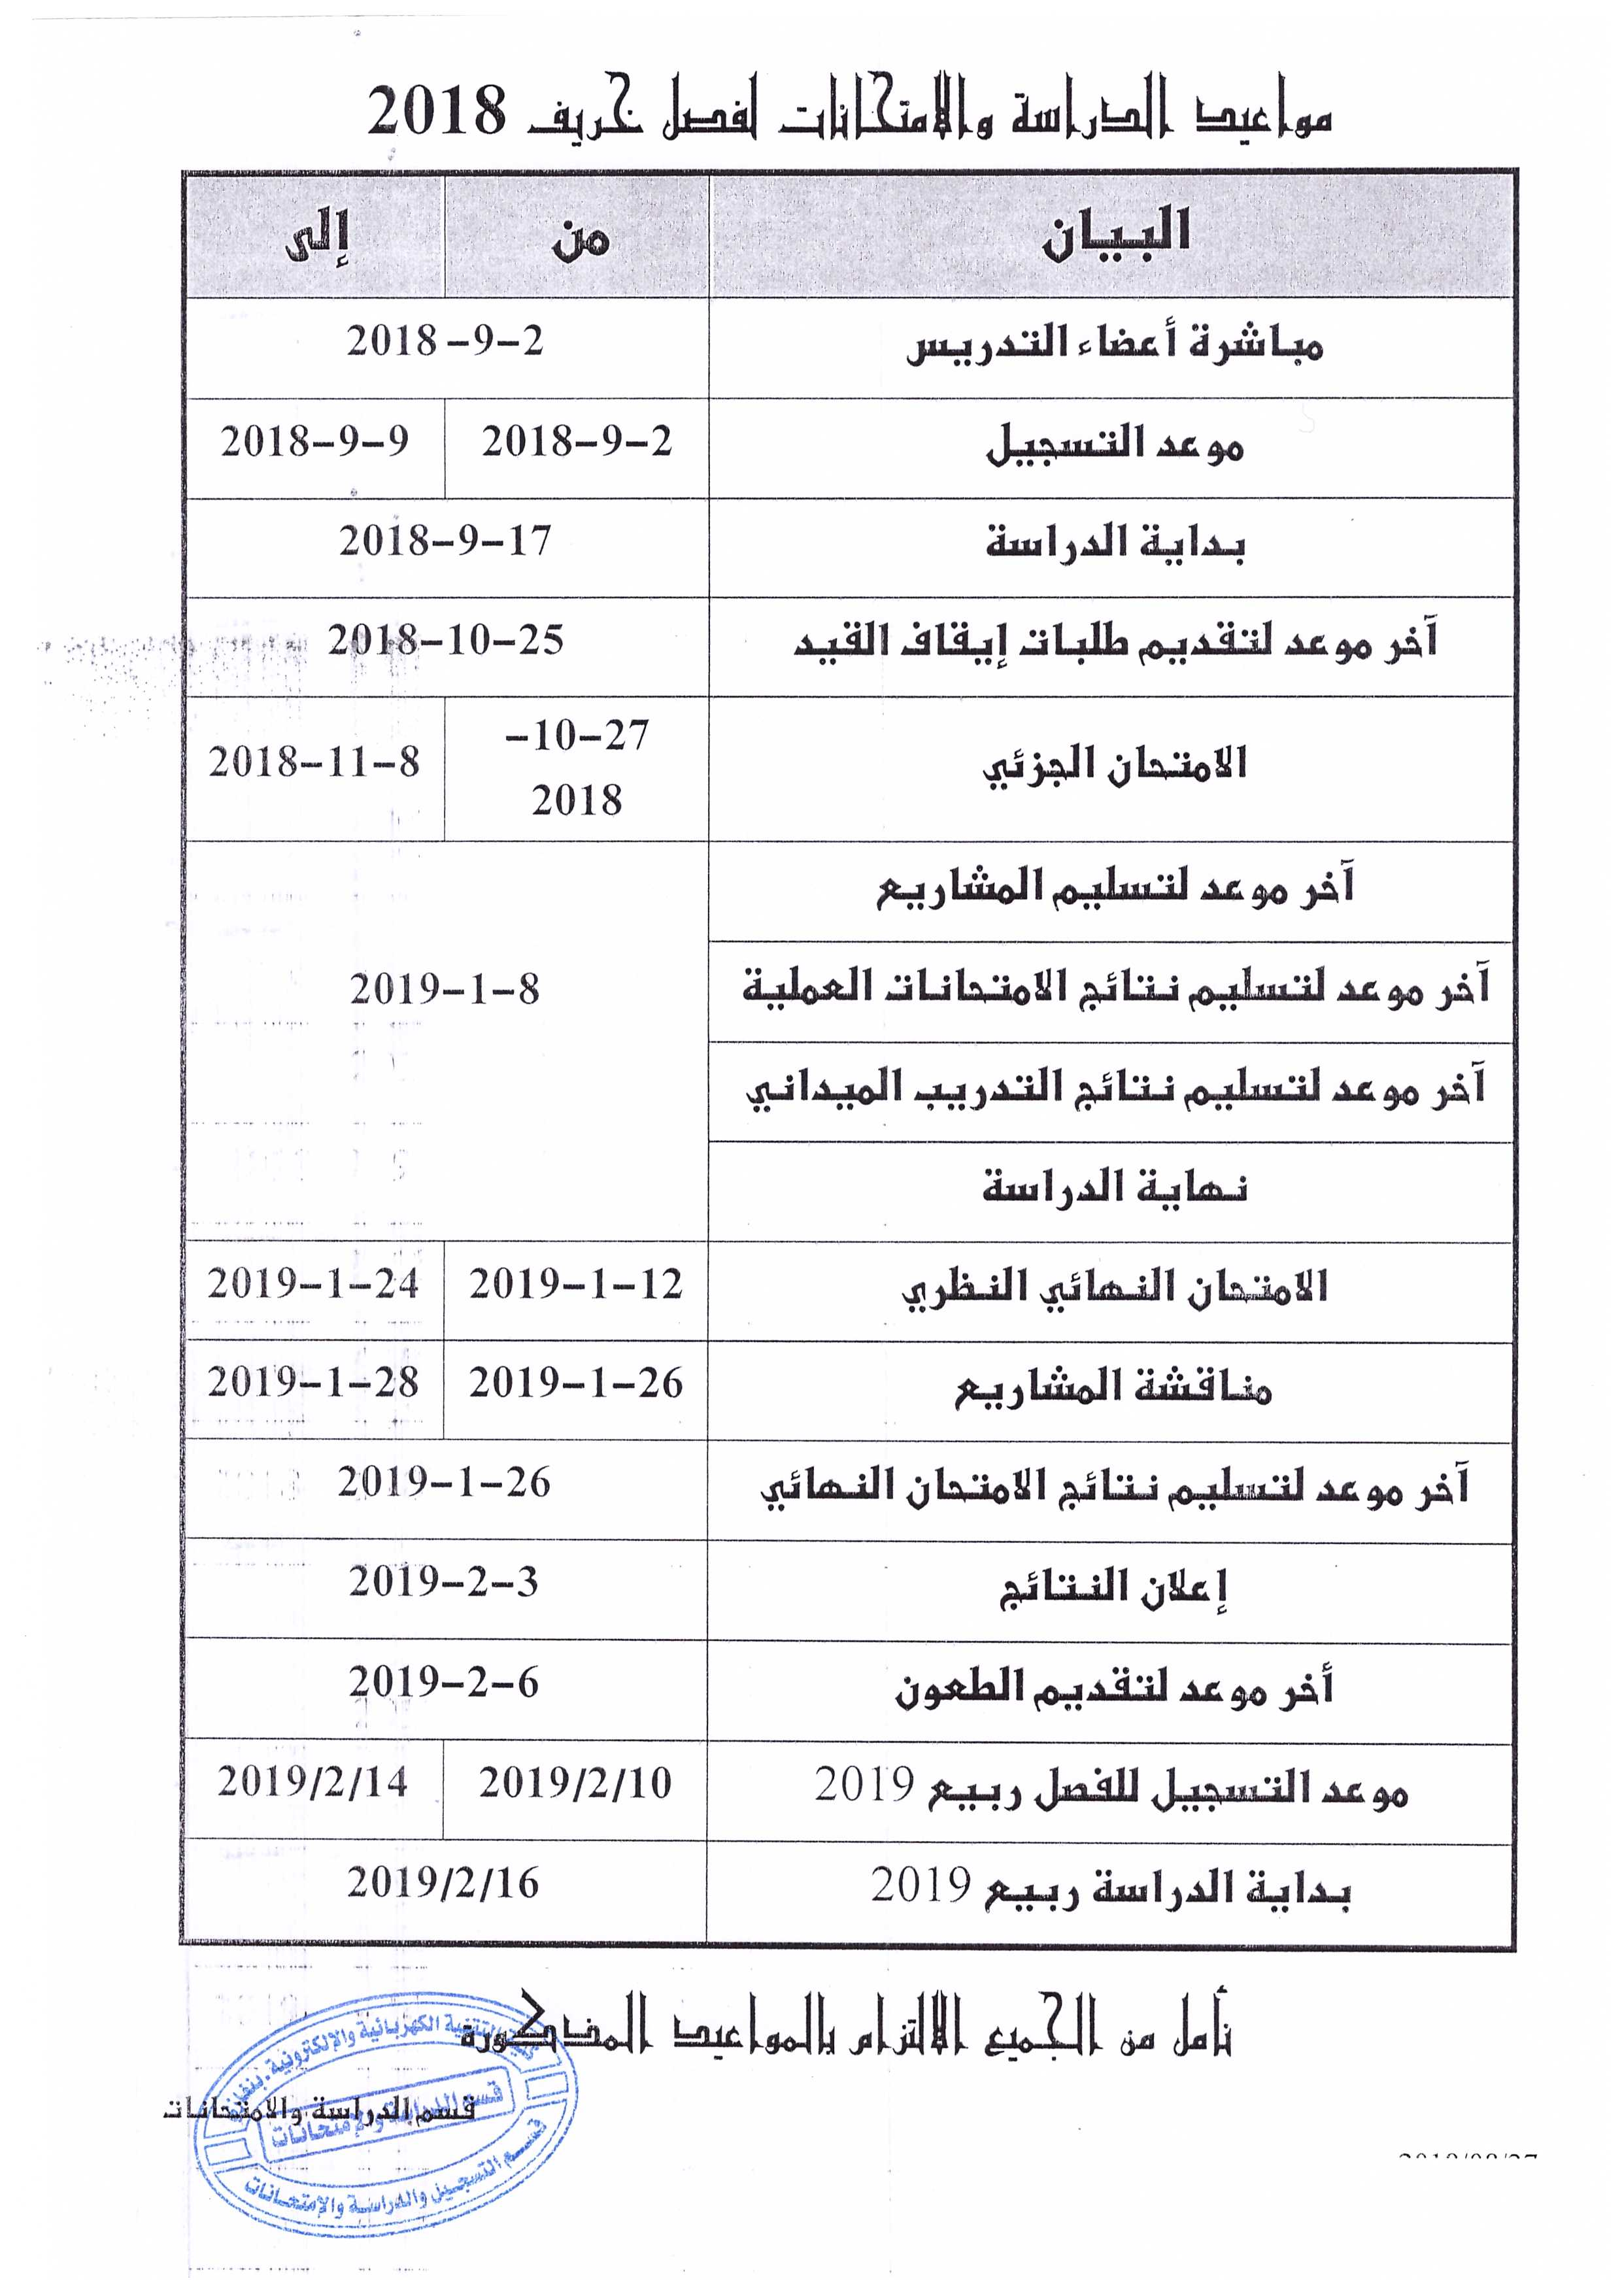 الخطة الدراسية للفصل الدراسي خريف 2018